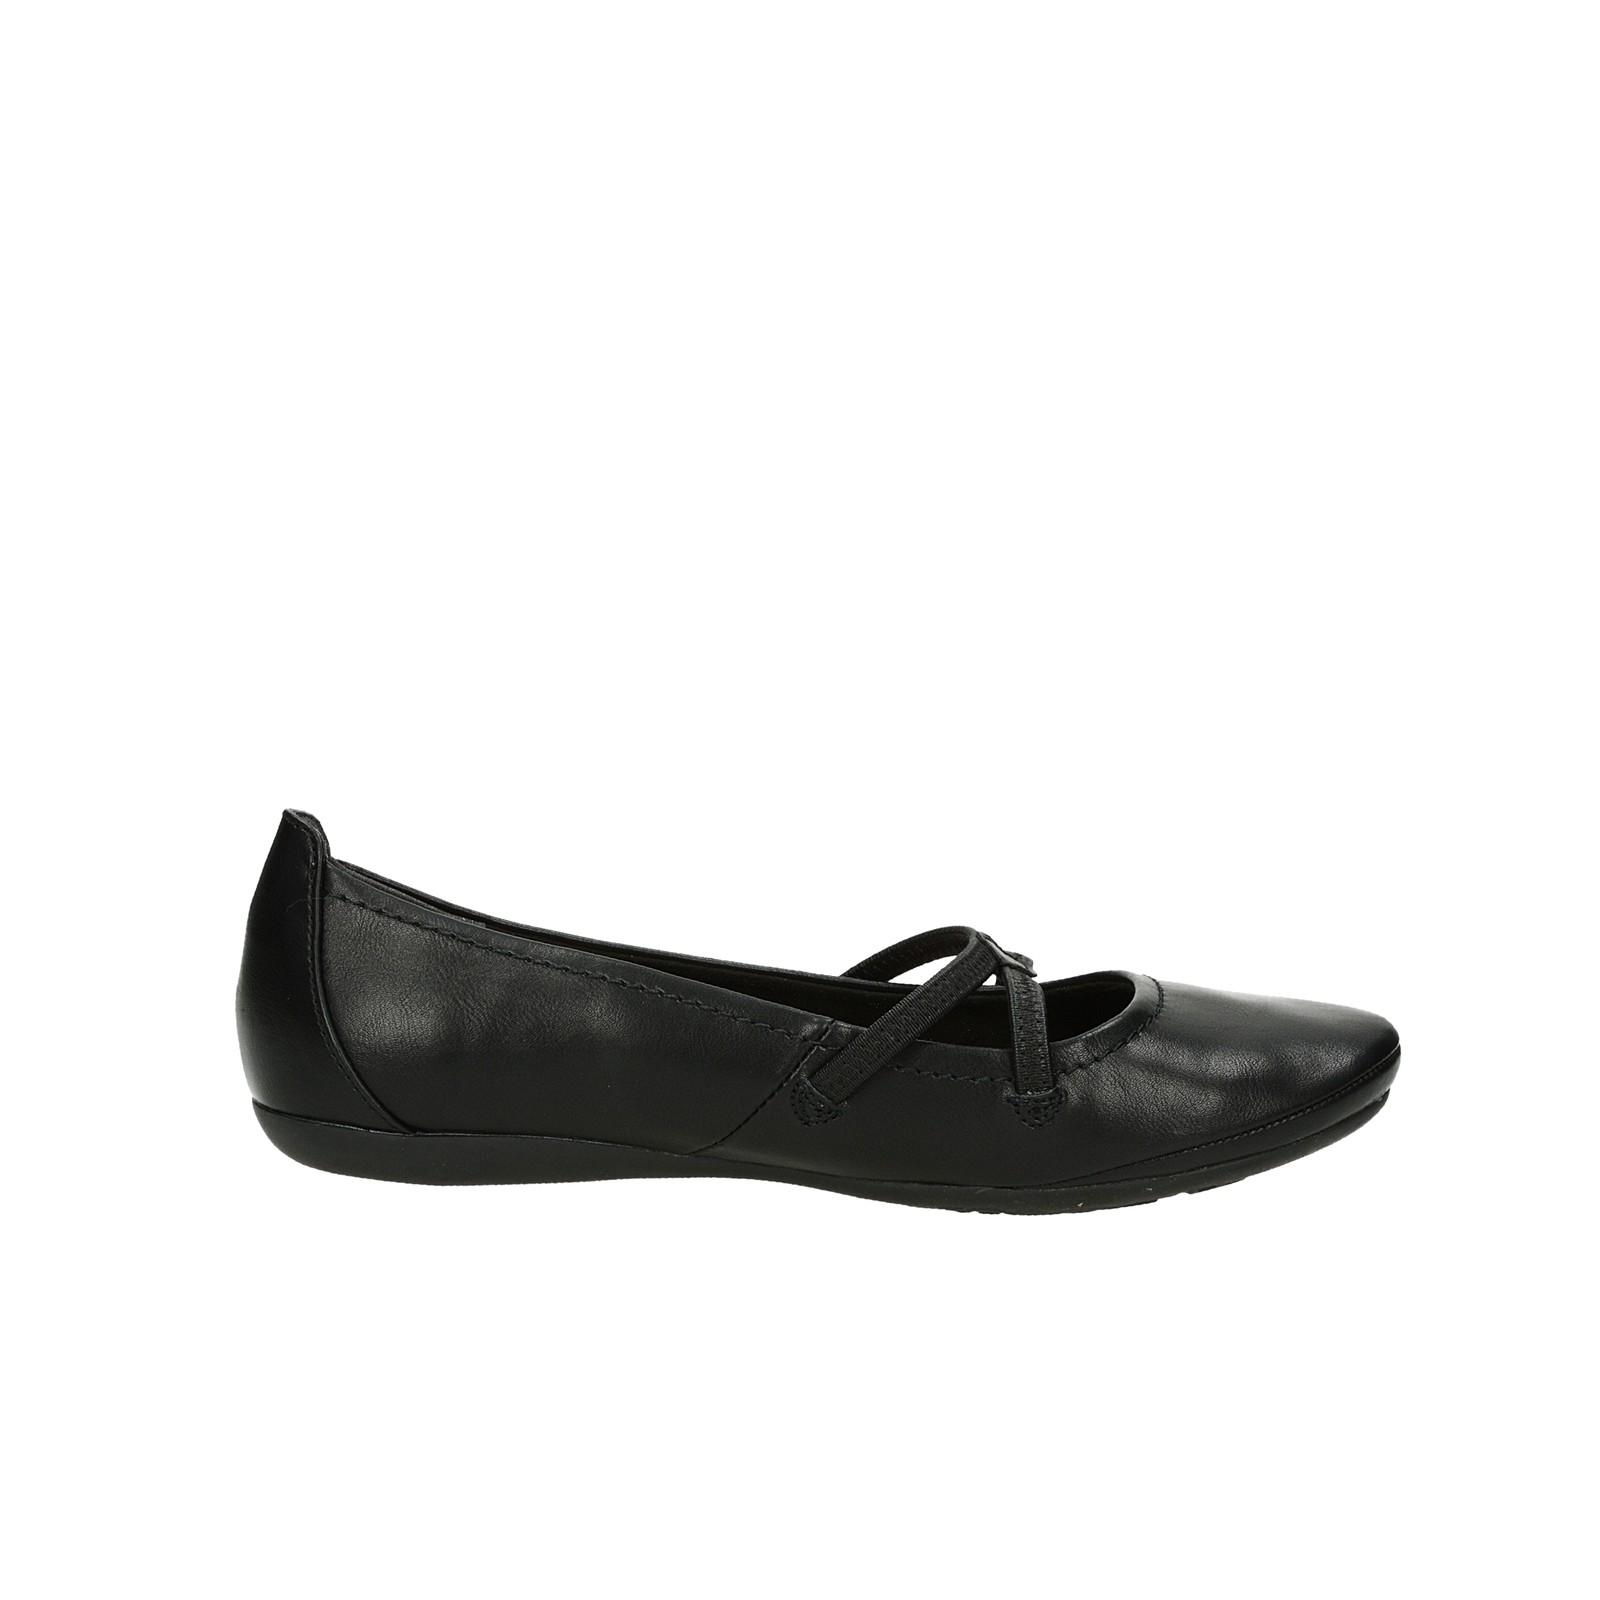 Tamaris dámske pohodlné balerínky - čierne